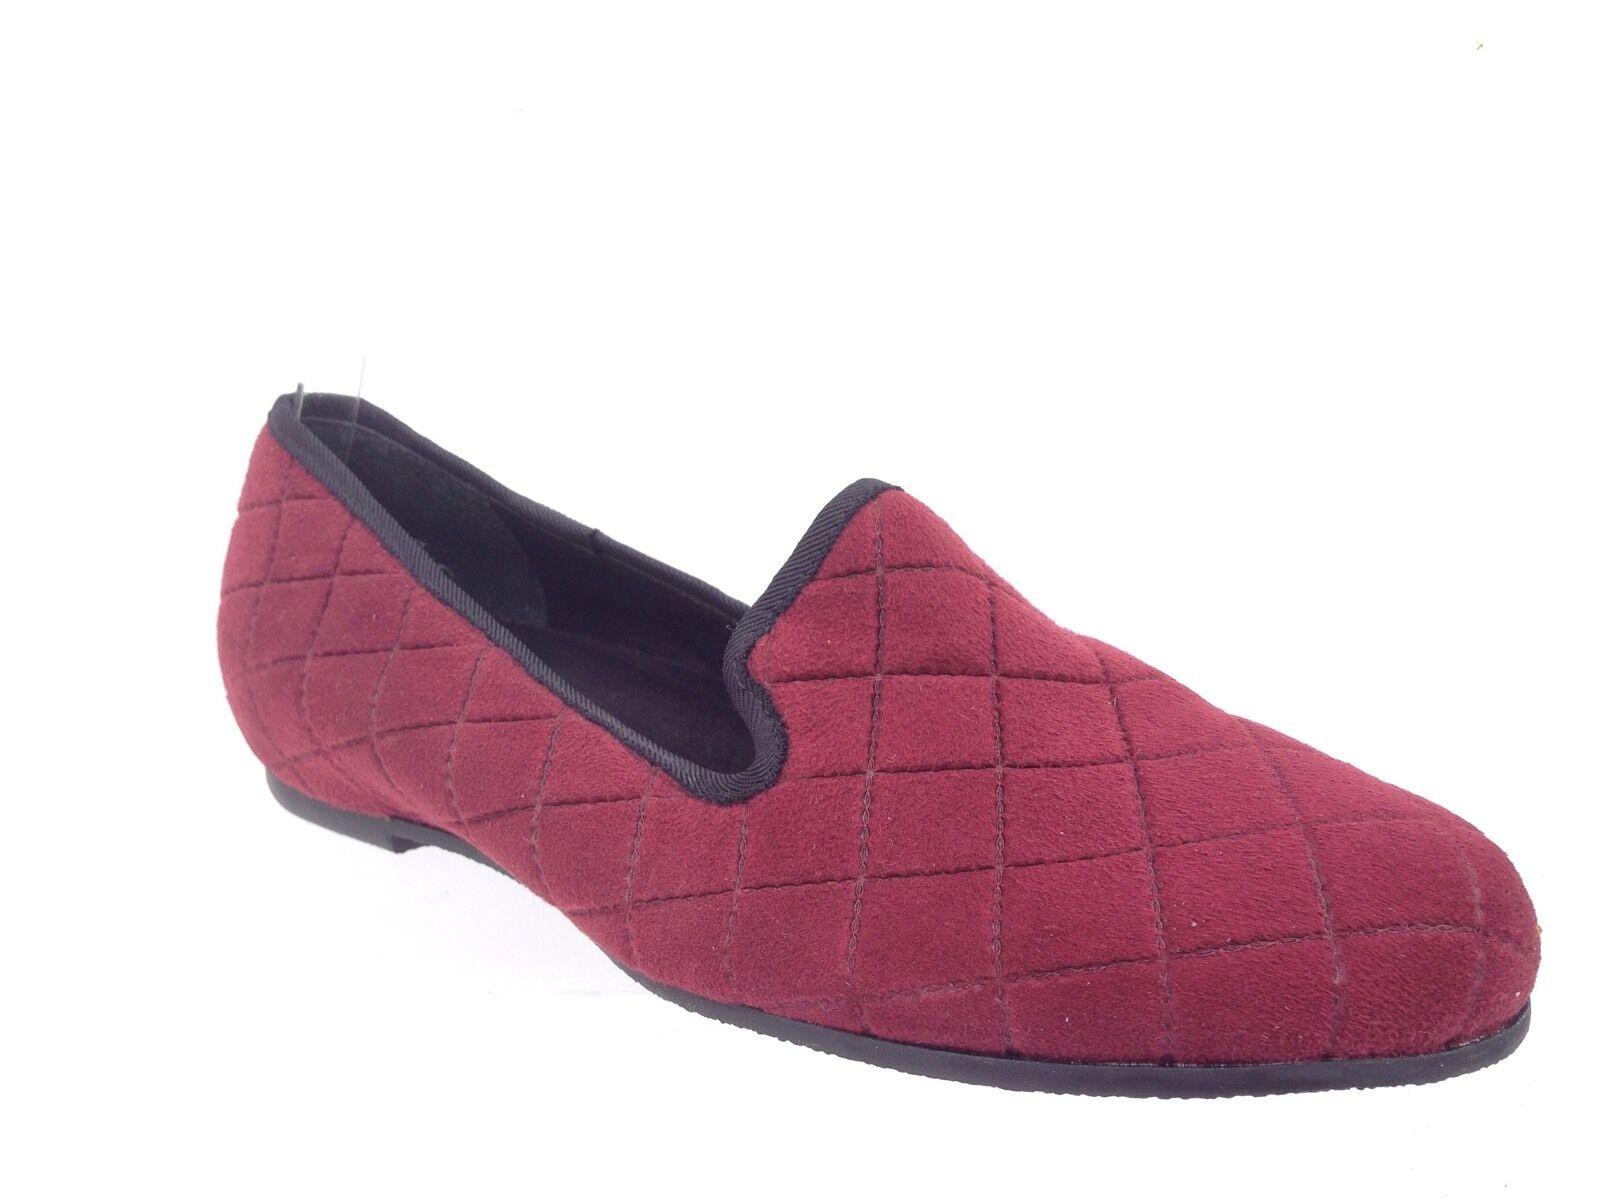 Munro Jerrie Para Mujer Cherry poliéster textil mocasín Tamaño Tamaño Tamaño 7.5 M MSRP  185  tienda de ventas outlet